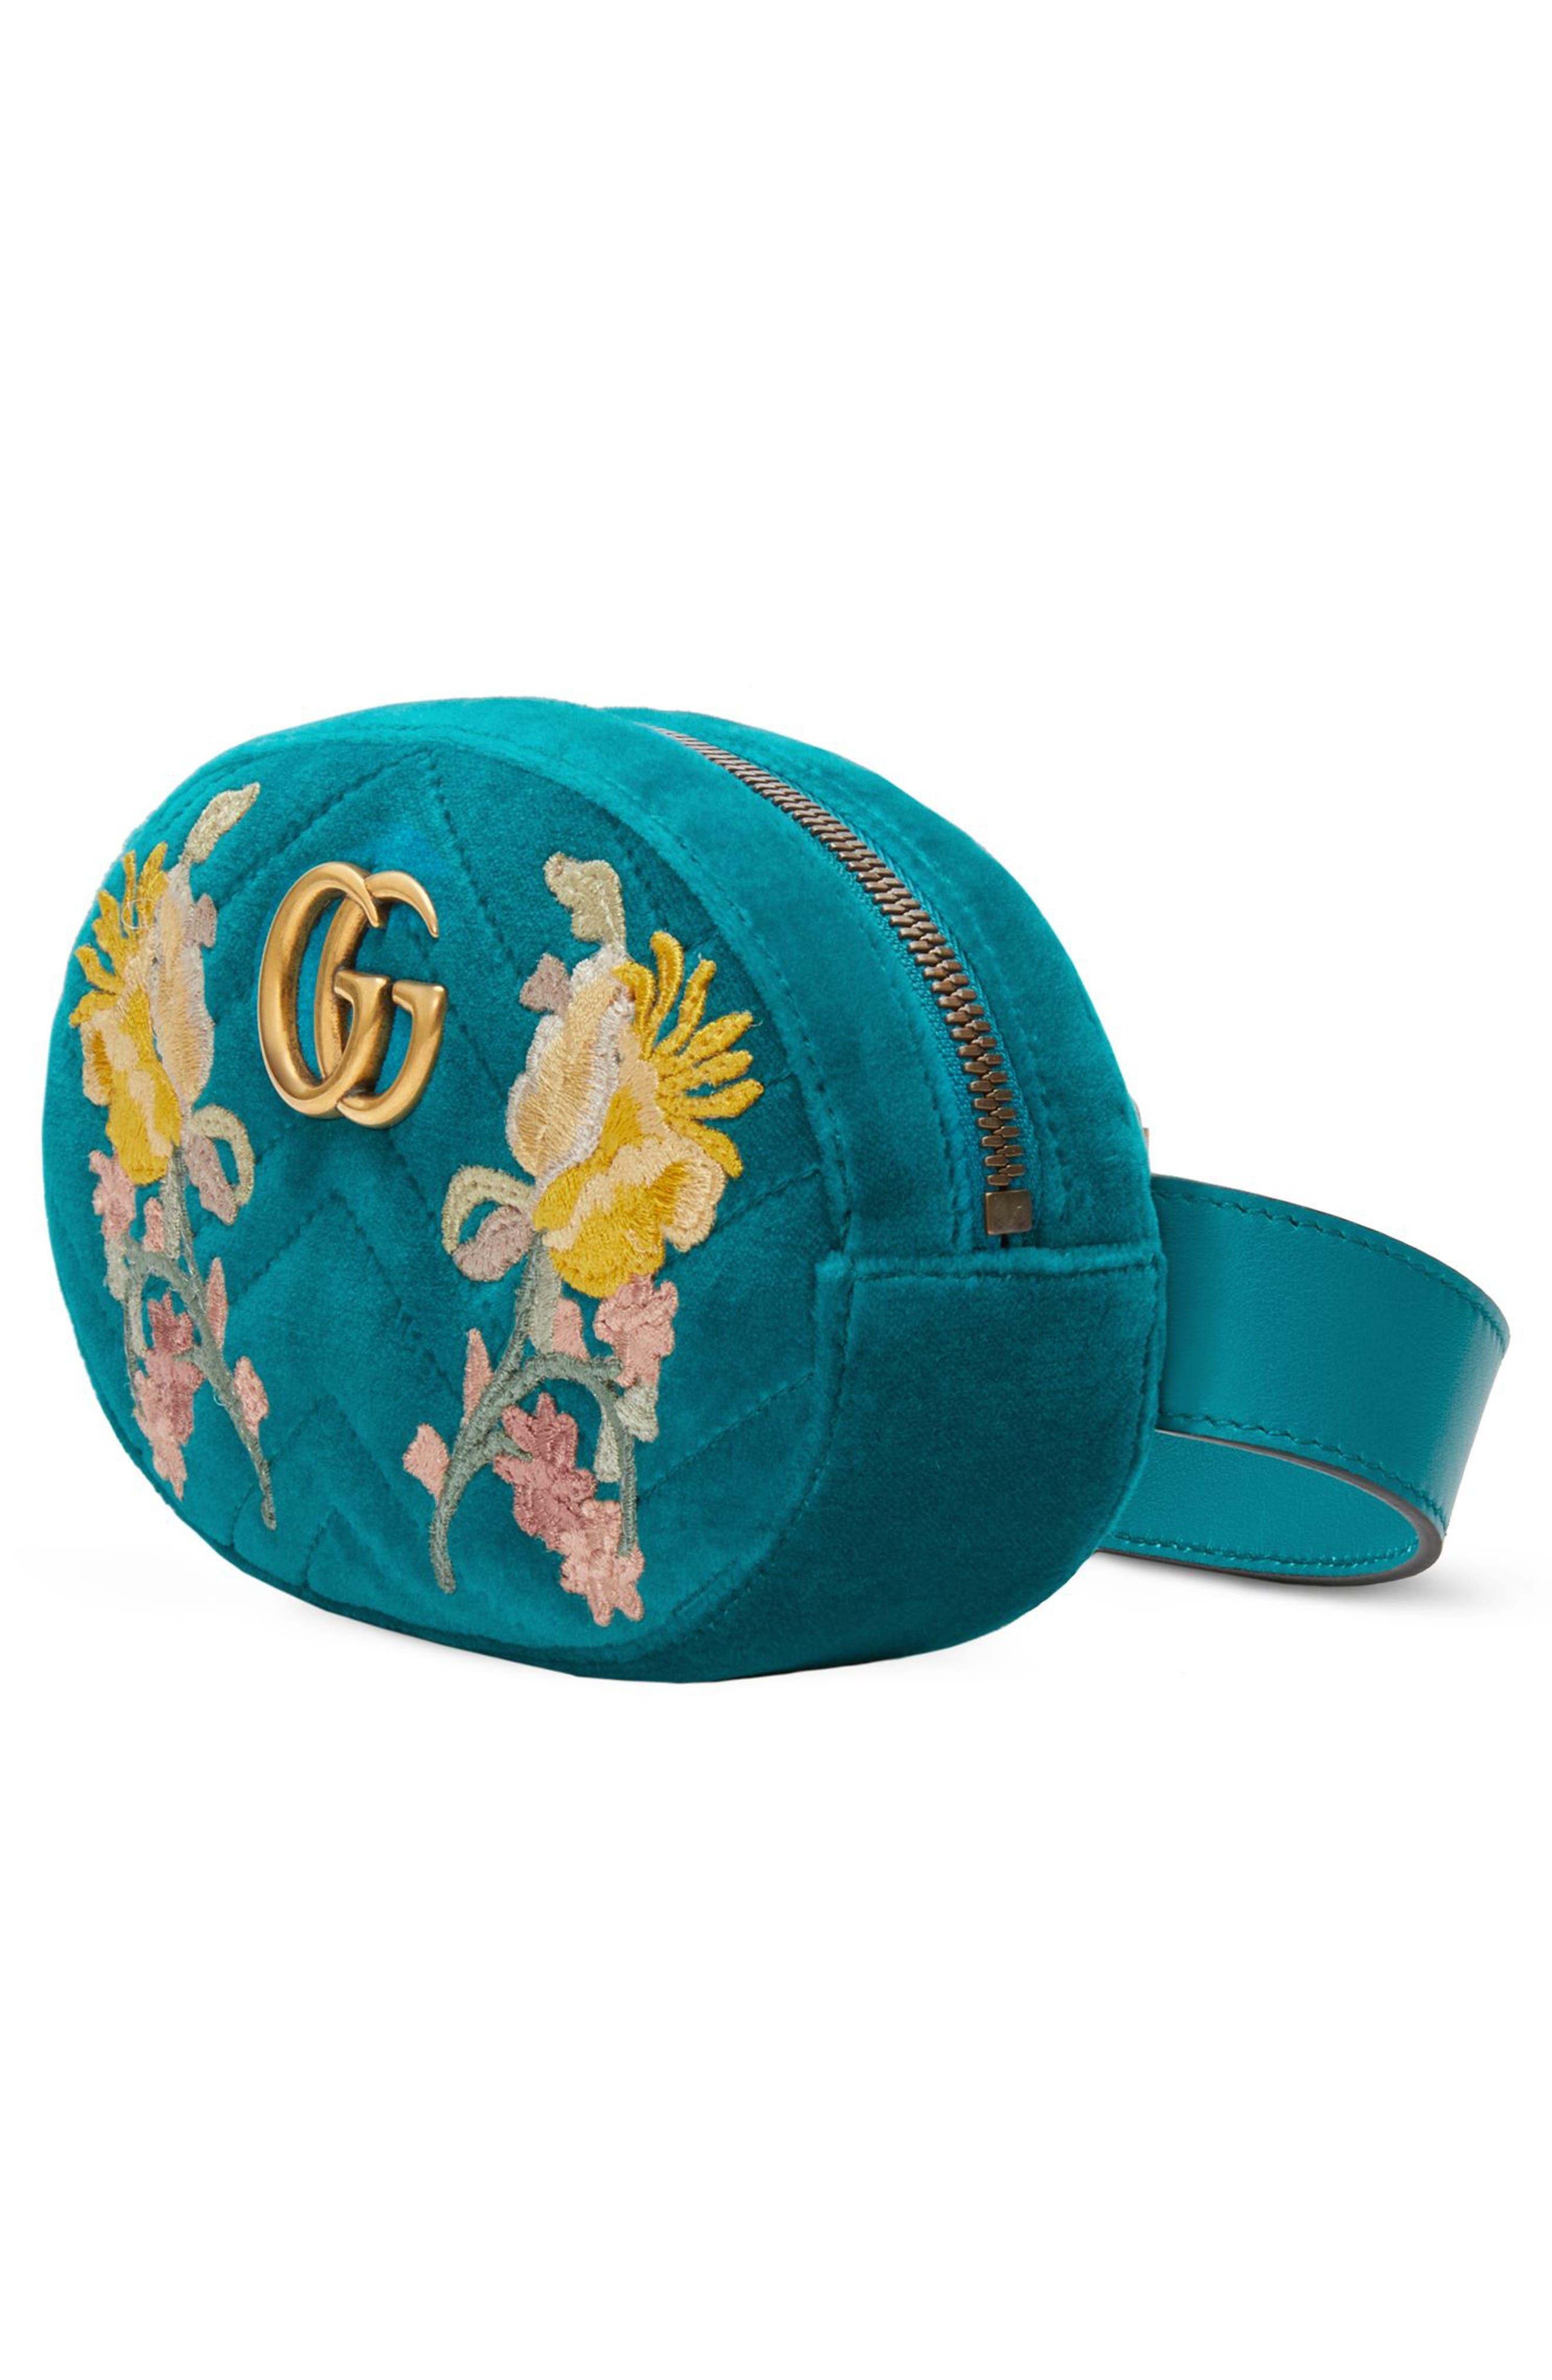 GG Marmont 2.0 Embroidered Velvet Belt Bag,                             Alternate thumbnail 4, color,